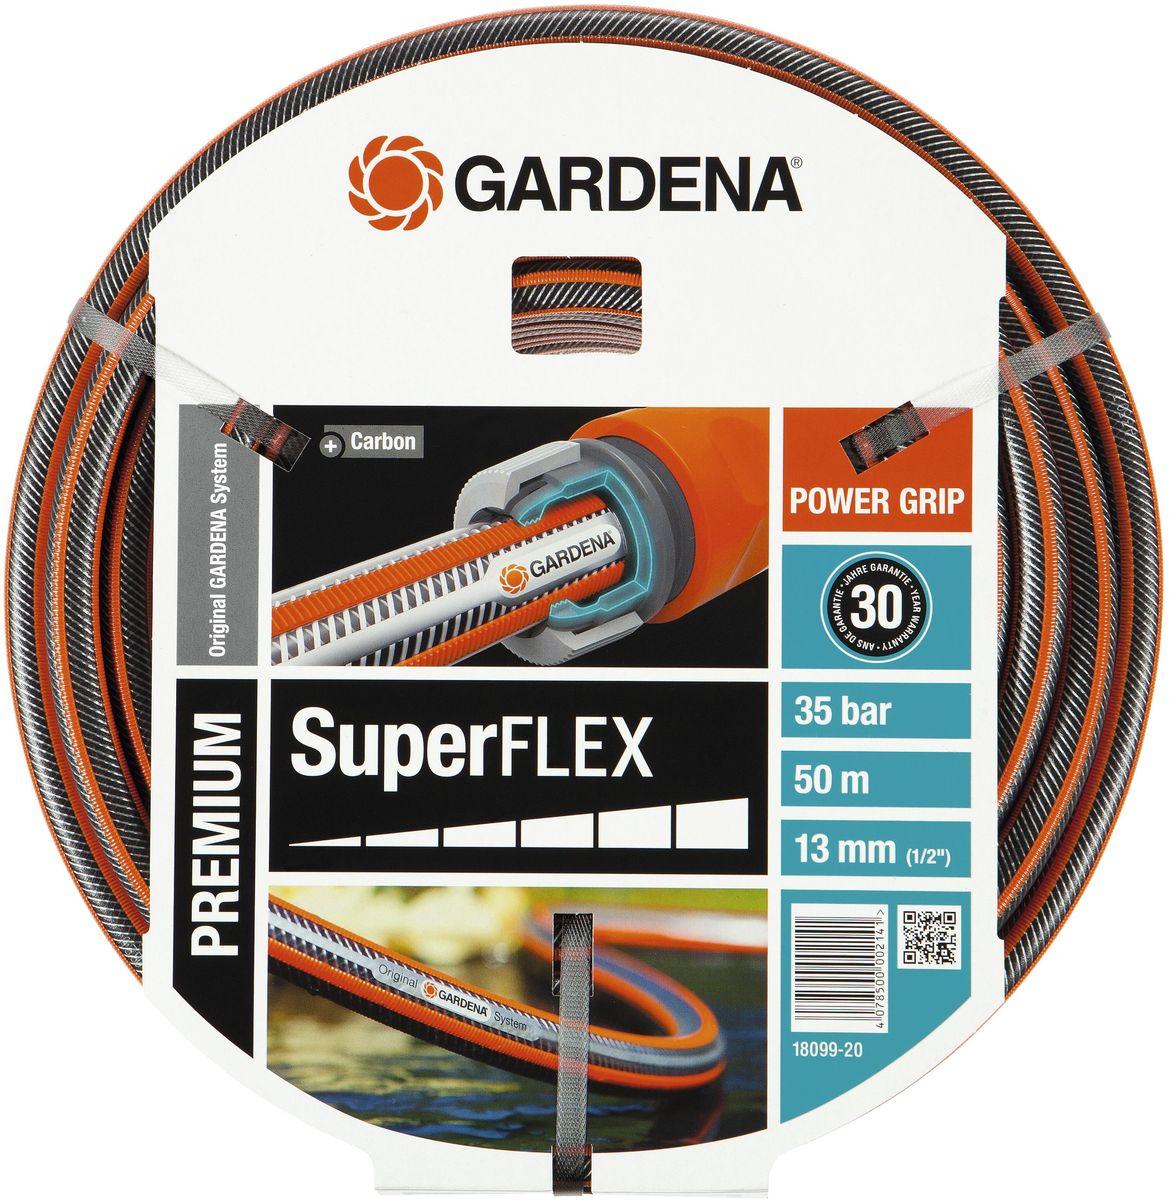 Шланг Gardena Superflex, диаметр 13 мм (1/2), длина 50 м00241-20.000.00Шланг Gardena Superflex изготовлен из высококачественных материалов и снабжен ребристым профилем PowerGrip, которое обеспечивает идеальное соединение с коннекторами базовой системы полива. Благодаря этому, эксплуатация шланга становится значительно проще. Текстильное спиралевидное армирование, усиленное углеродными волокнами, не дает шлангу перегибаться, перекручиваться и остается гибким. Шланг не содержит фталаты и тяжелые металлы, и невосприимчив к УФ-излучению. Толстые стенки обеспечивают долговечность и надежность.